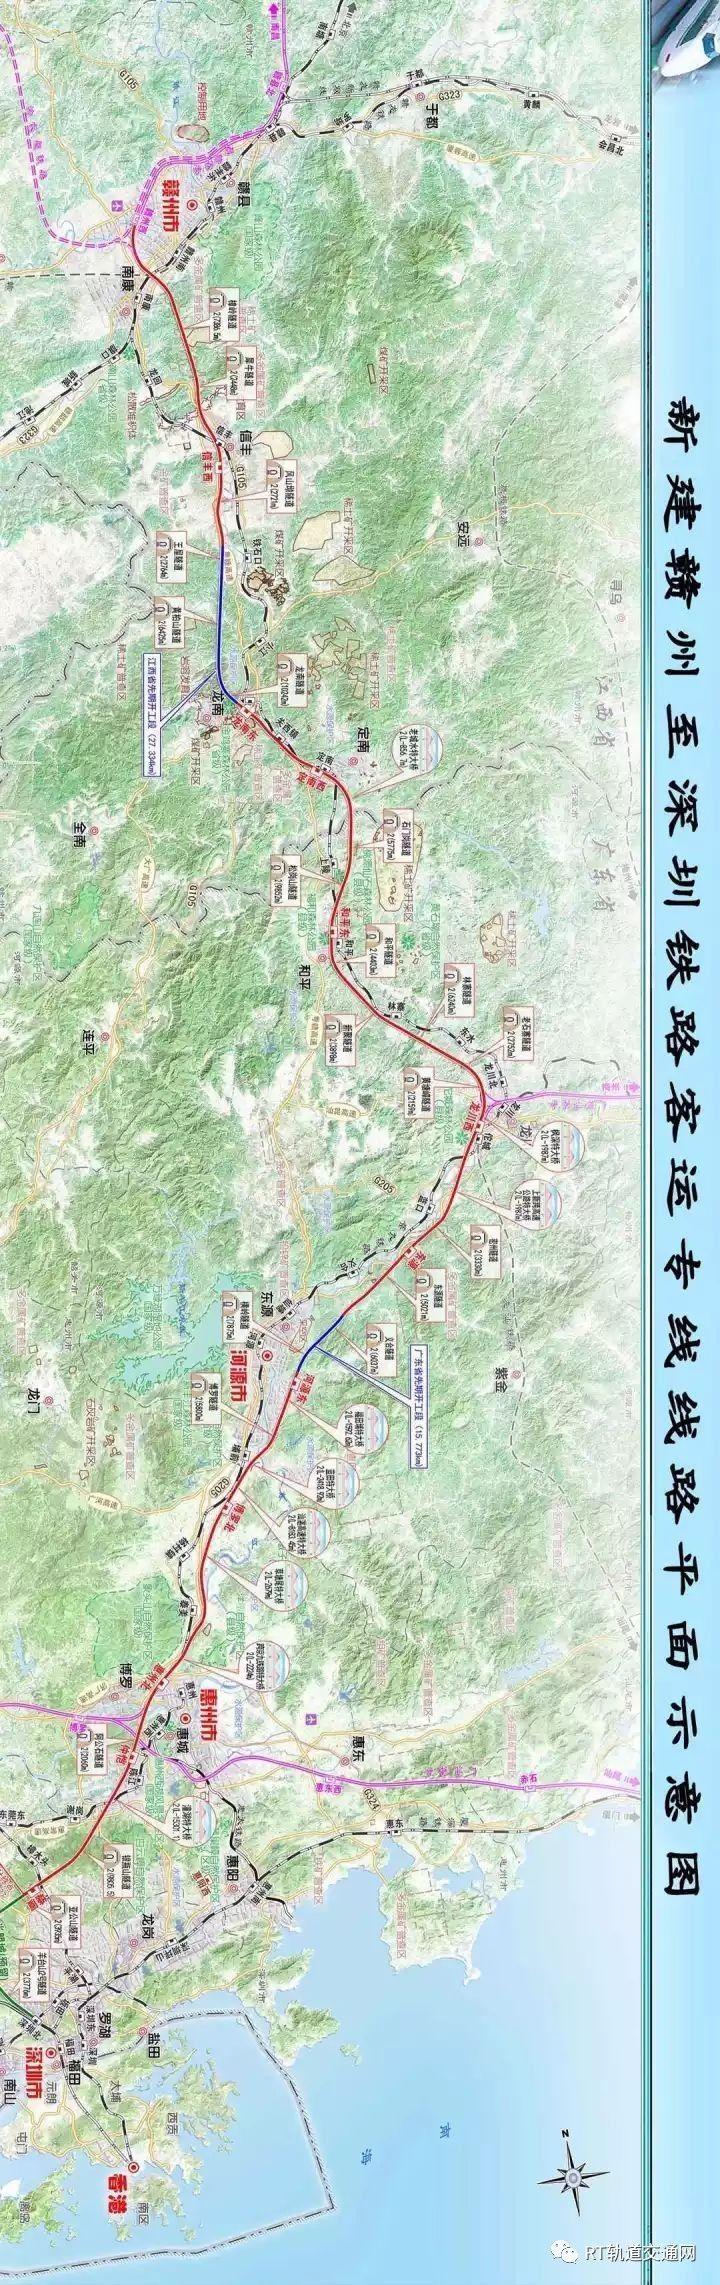 信丰县,龙南县,定南县,广东省河源市,惠州市和东莞市,终抵深圳北站.图片